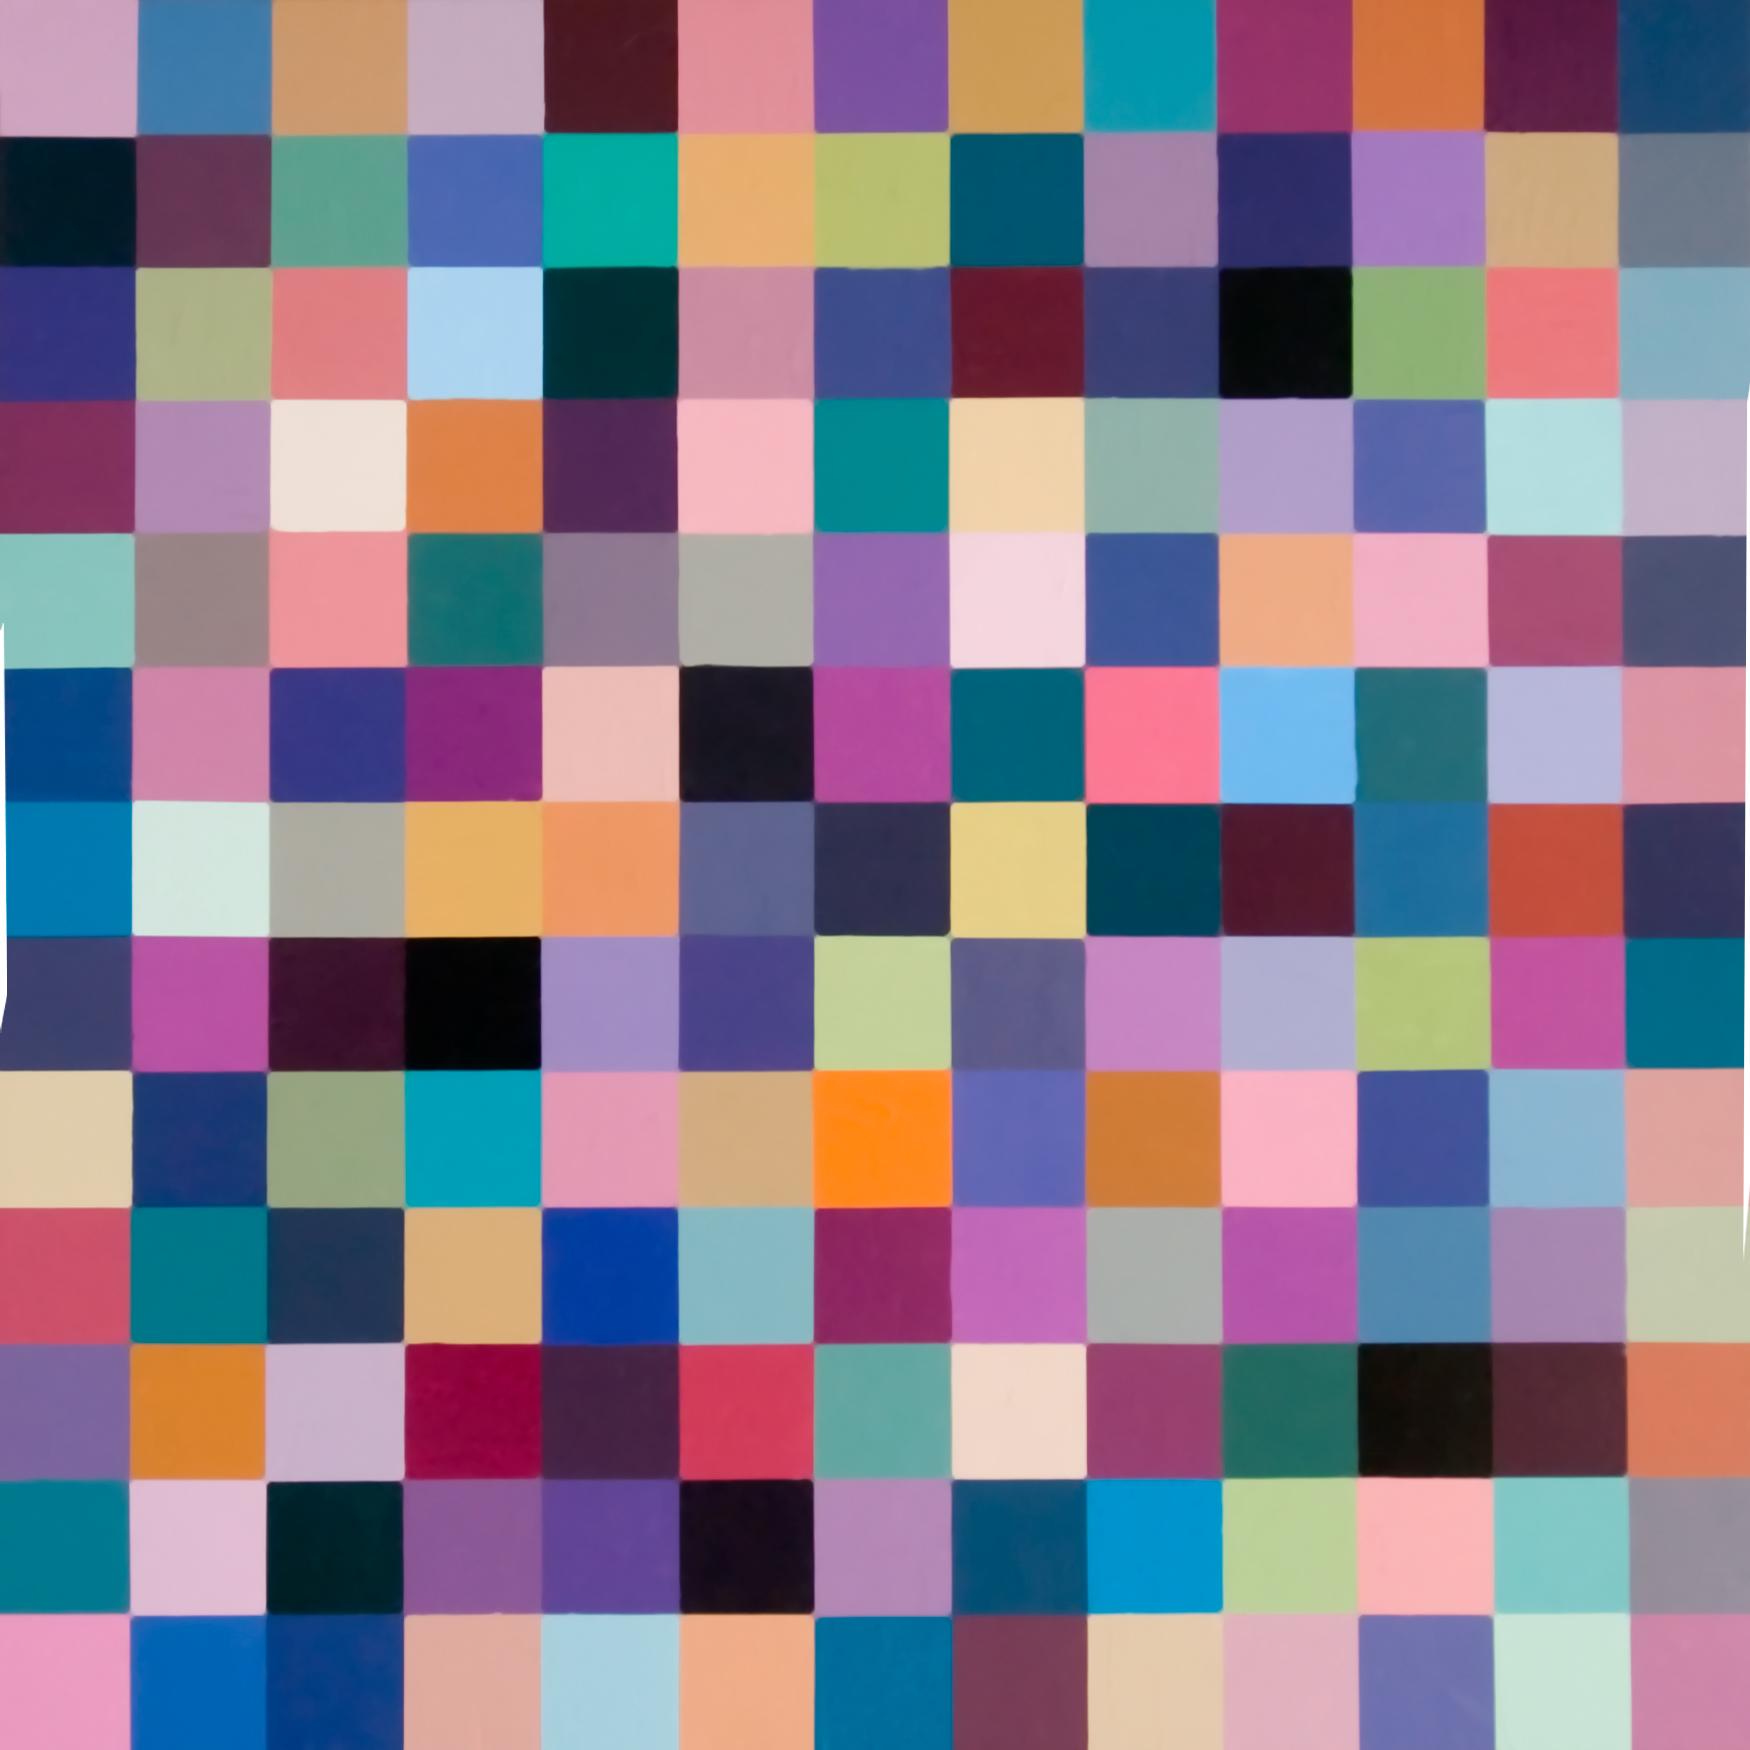 Audrey_color.jpg